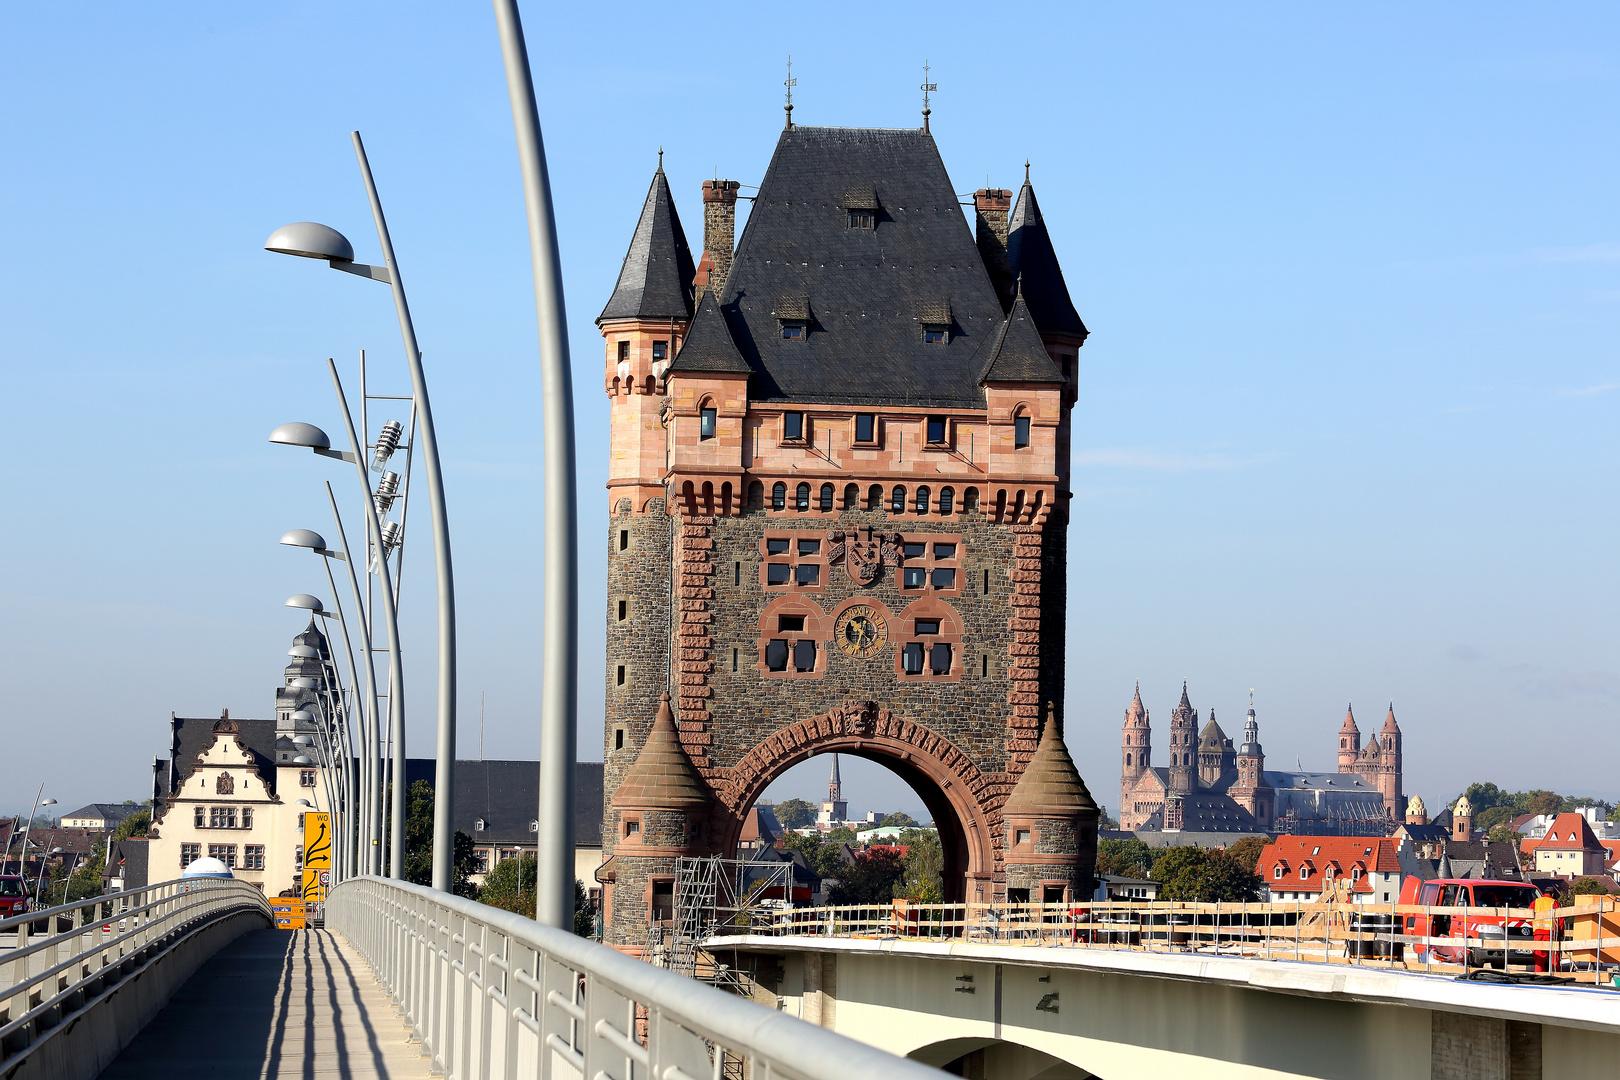 Worms - Neue Rheinbrücke auf dem Weg nach Worms (II)